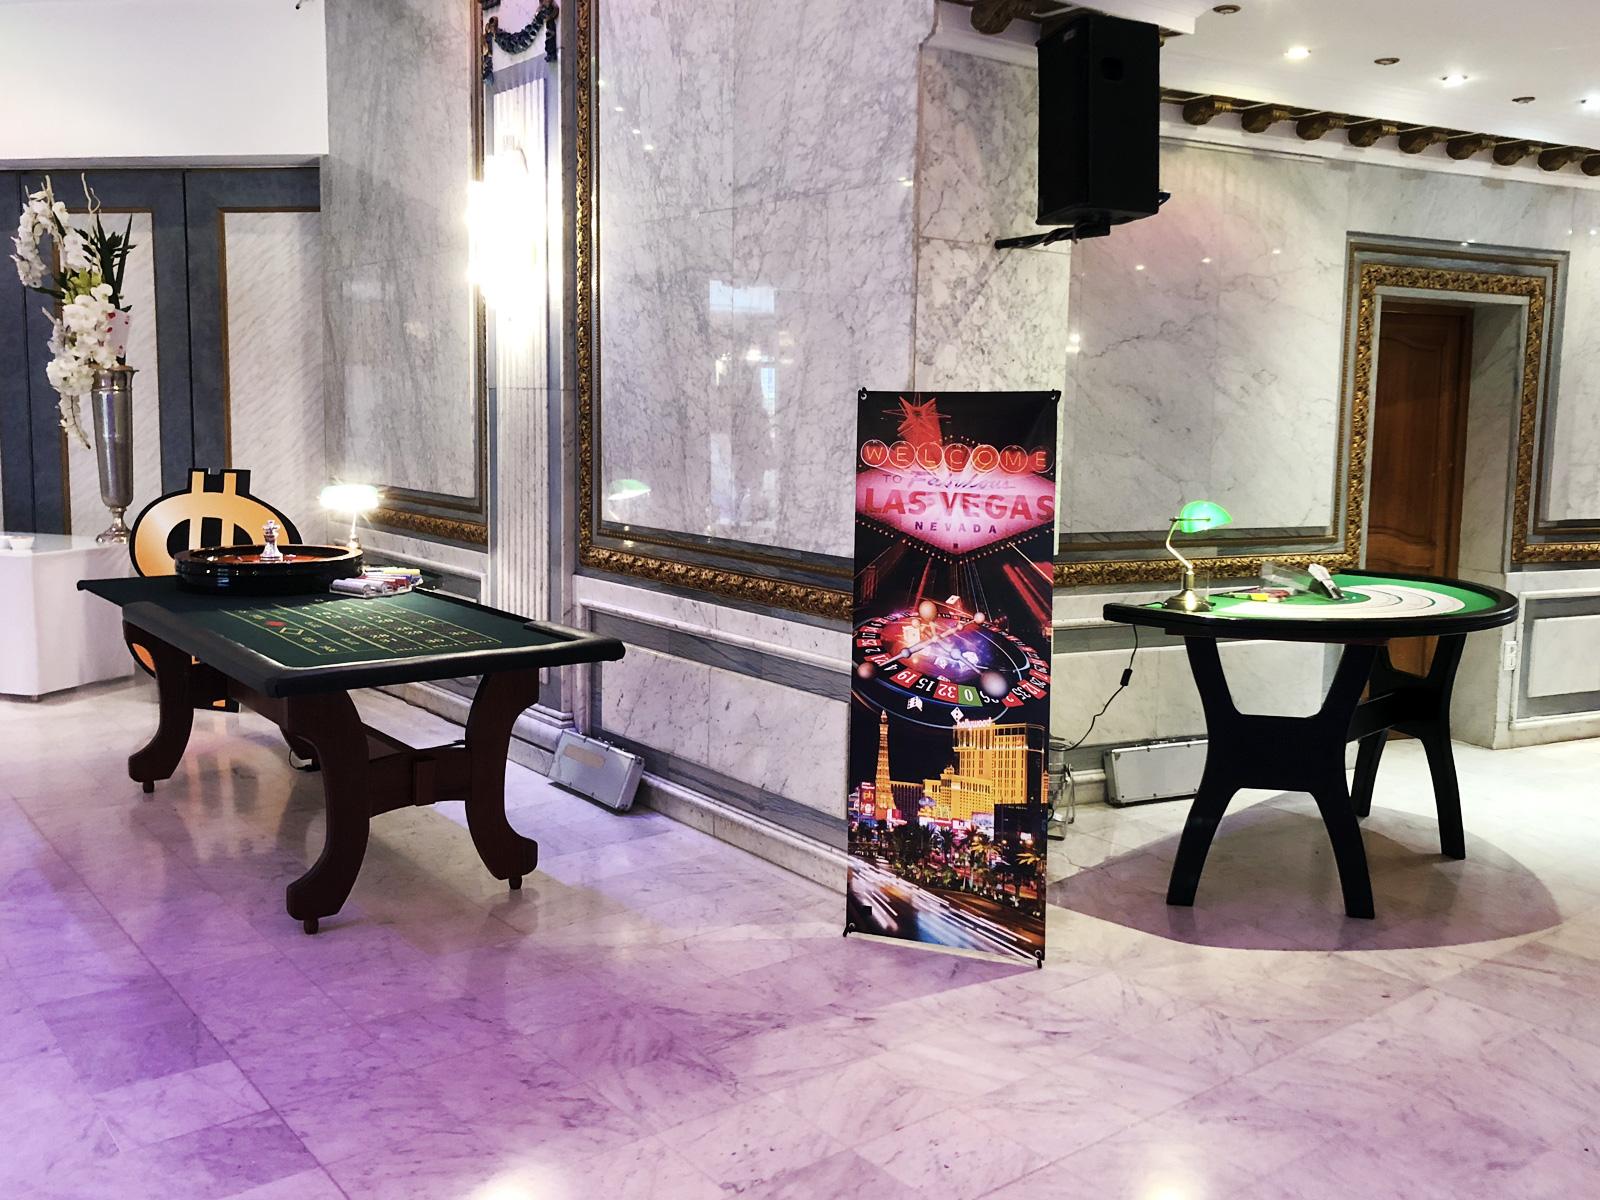 Soirée casino salons hoche ASP Class of 2018